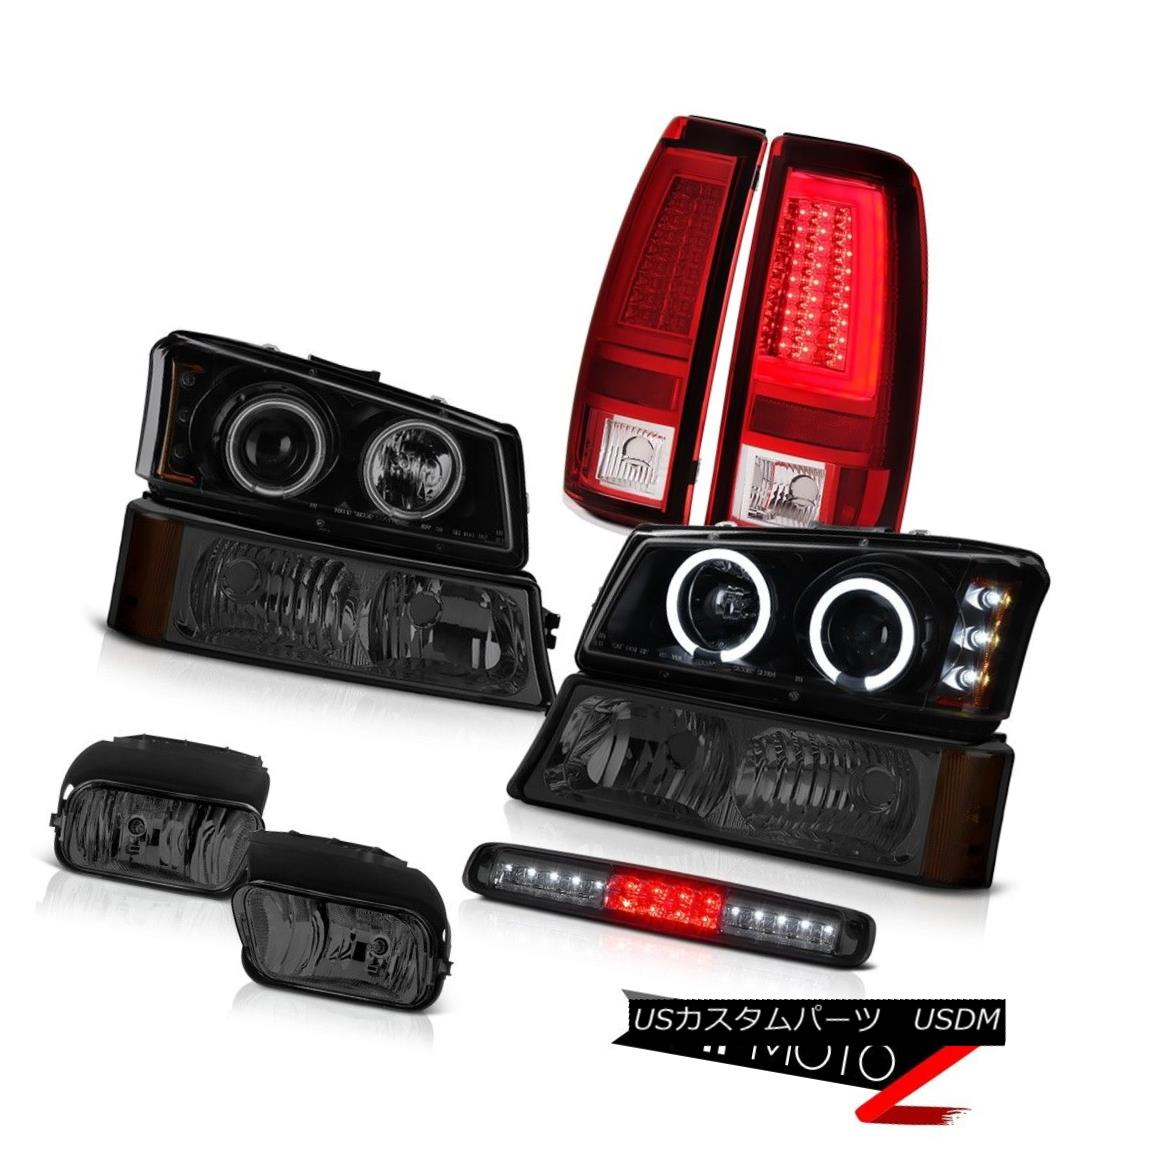 テールライト 03-06 Silverado 3500Hd Tail Lamps Fog Signal Light 3RD Brake Lamp Headlights LED 03-06 Silverado 3500Hdテールランプフォグシグナルライト3RDブレーキランプヘッドライトLED